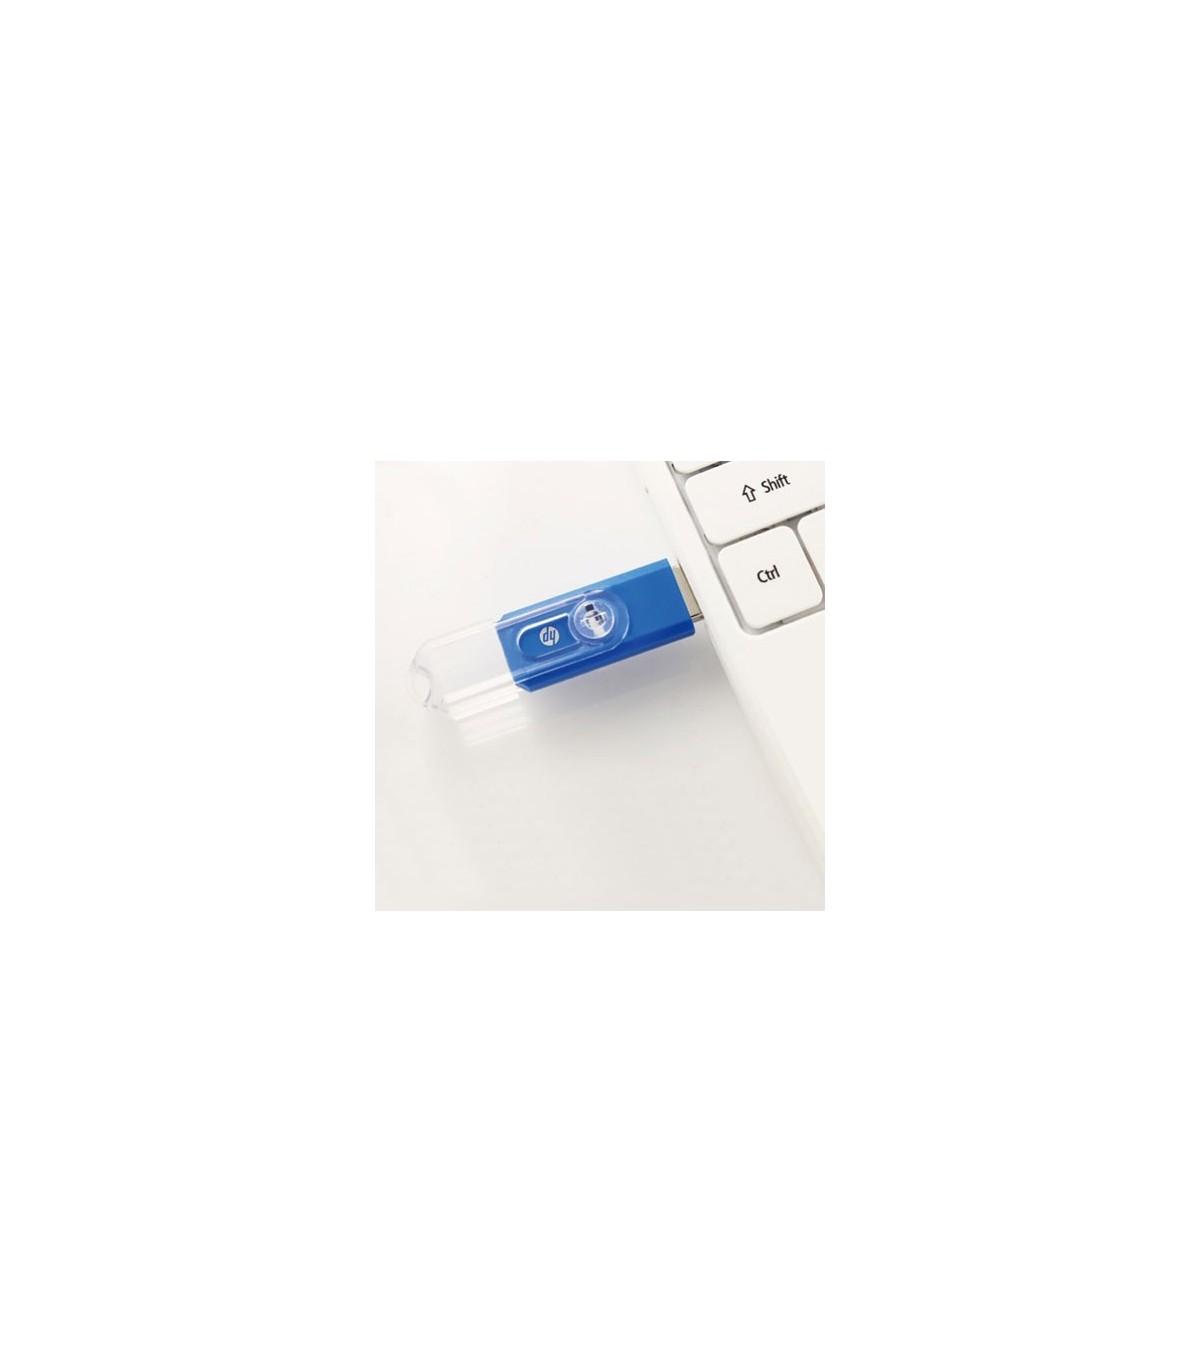 فلش مموری اچ پی 16 گیگابایت v265b